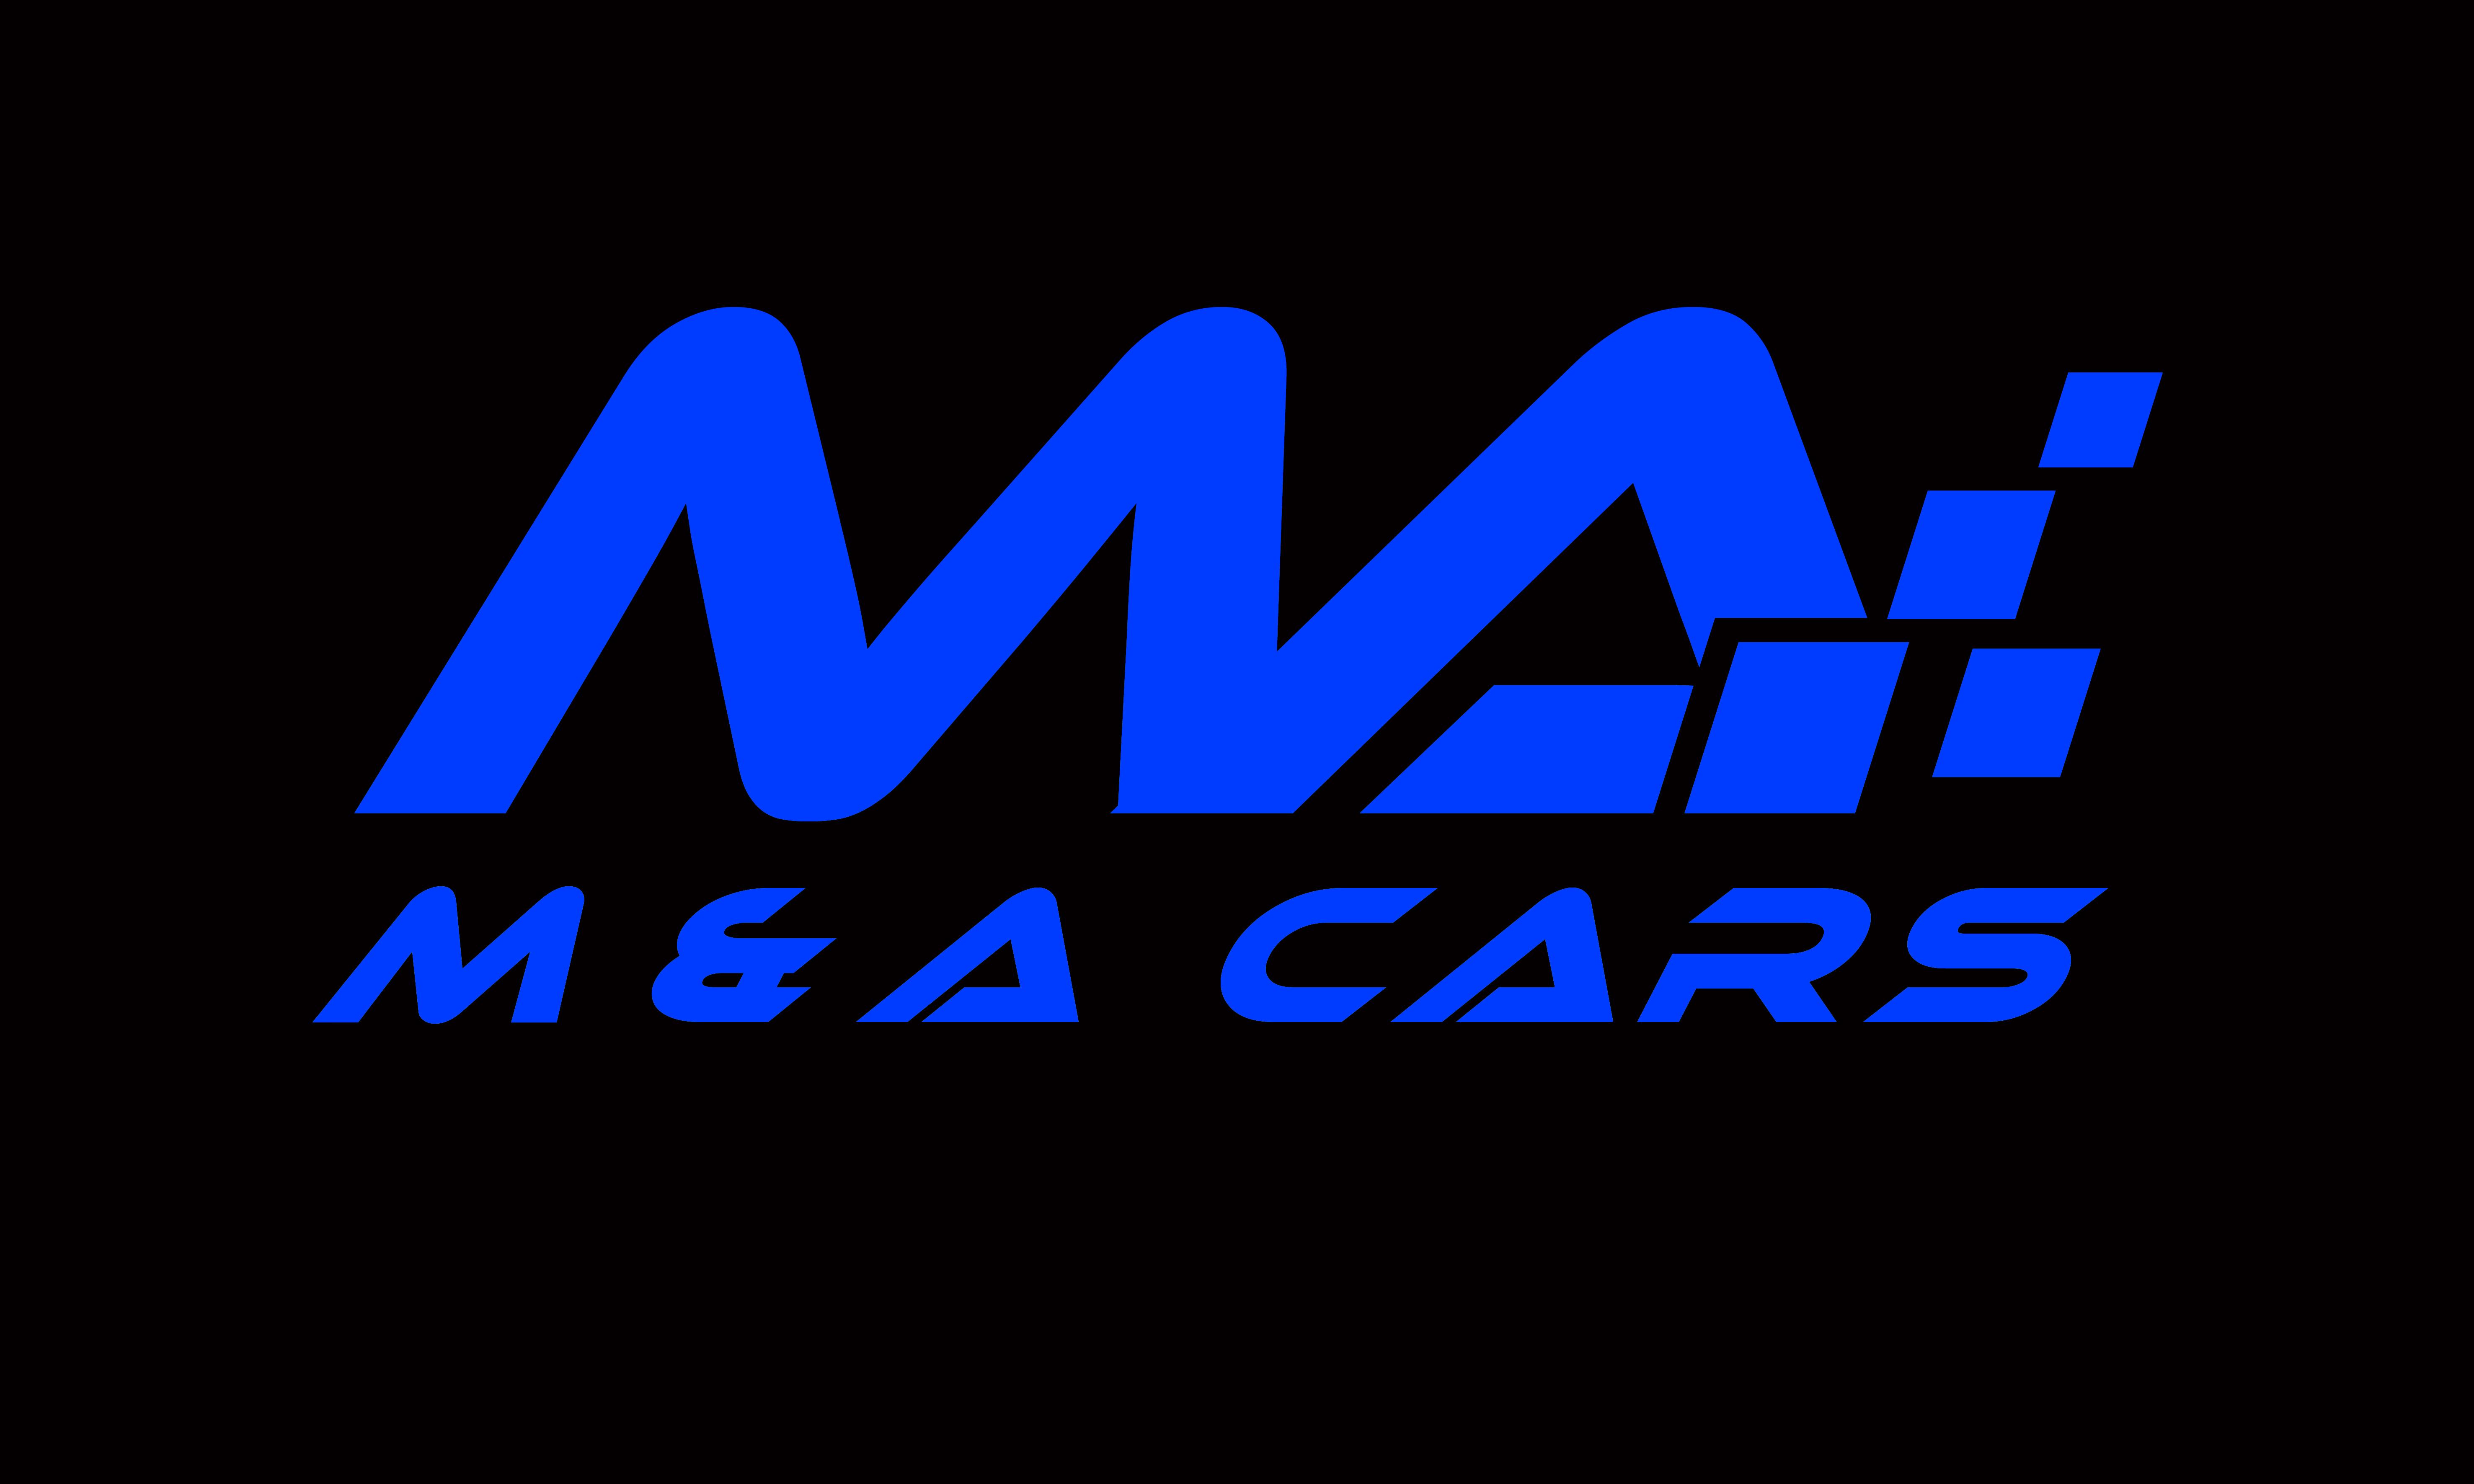 M & A Cars